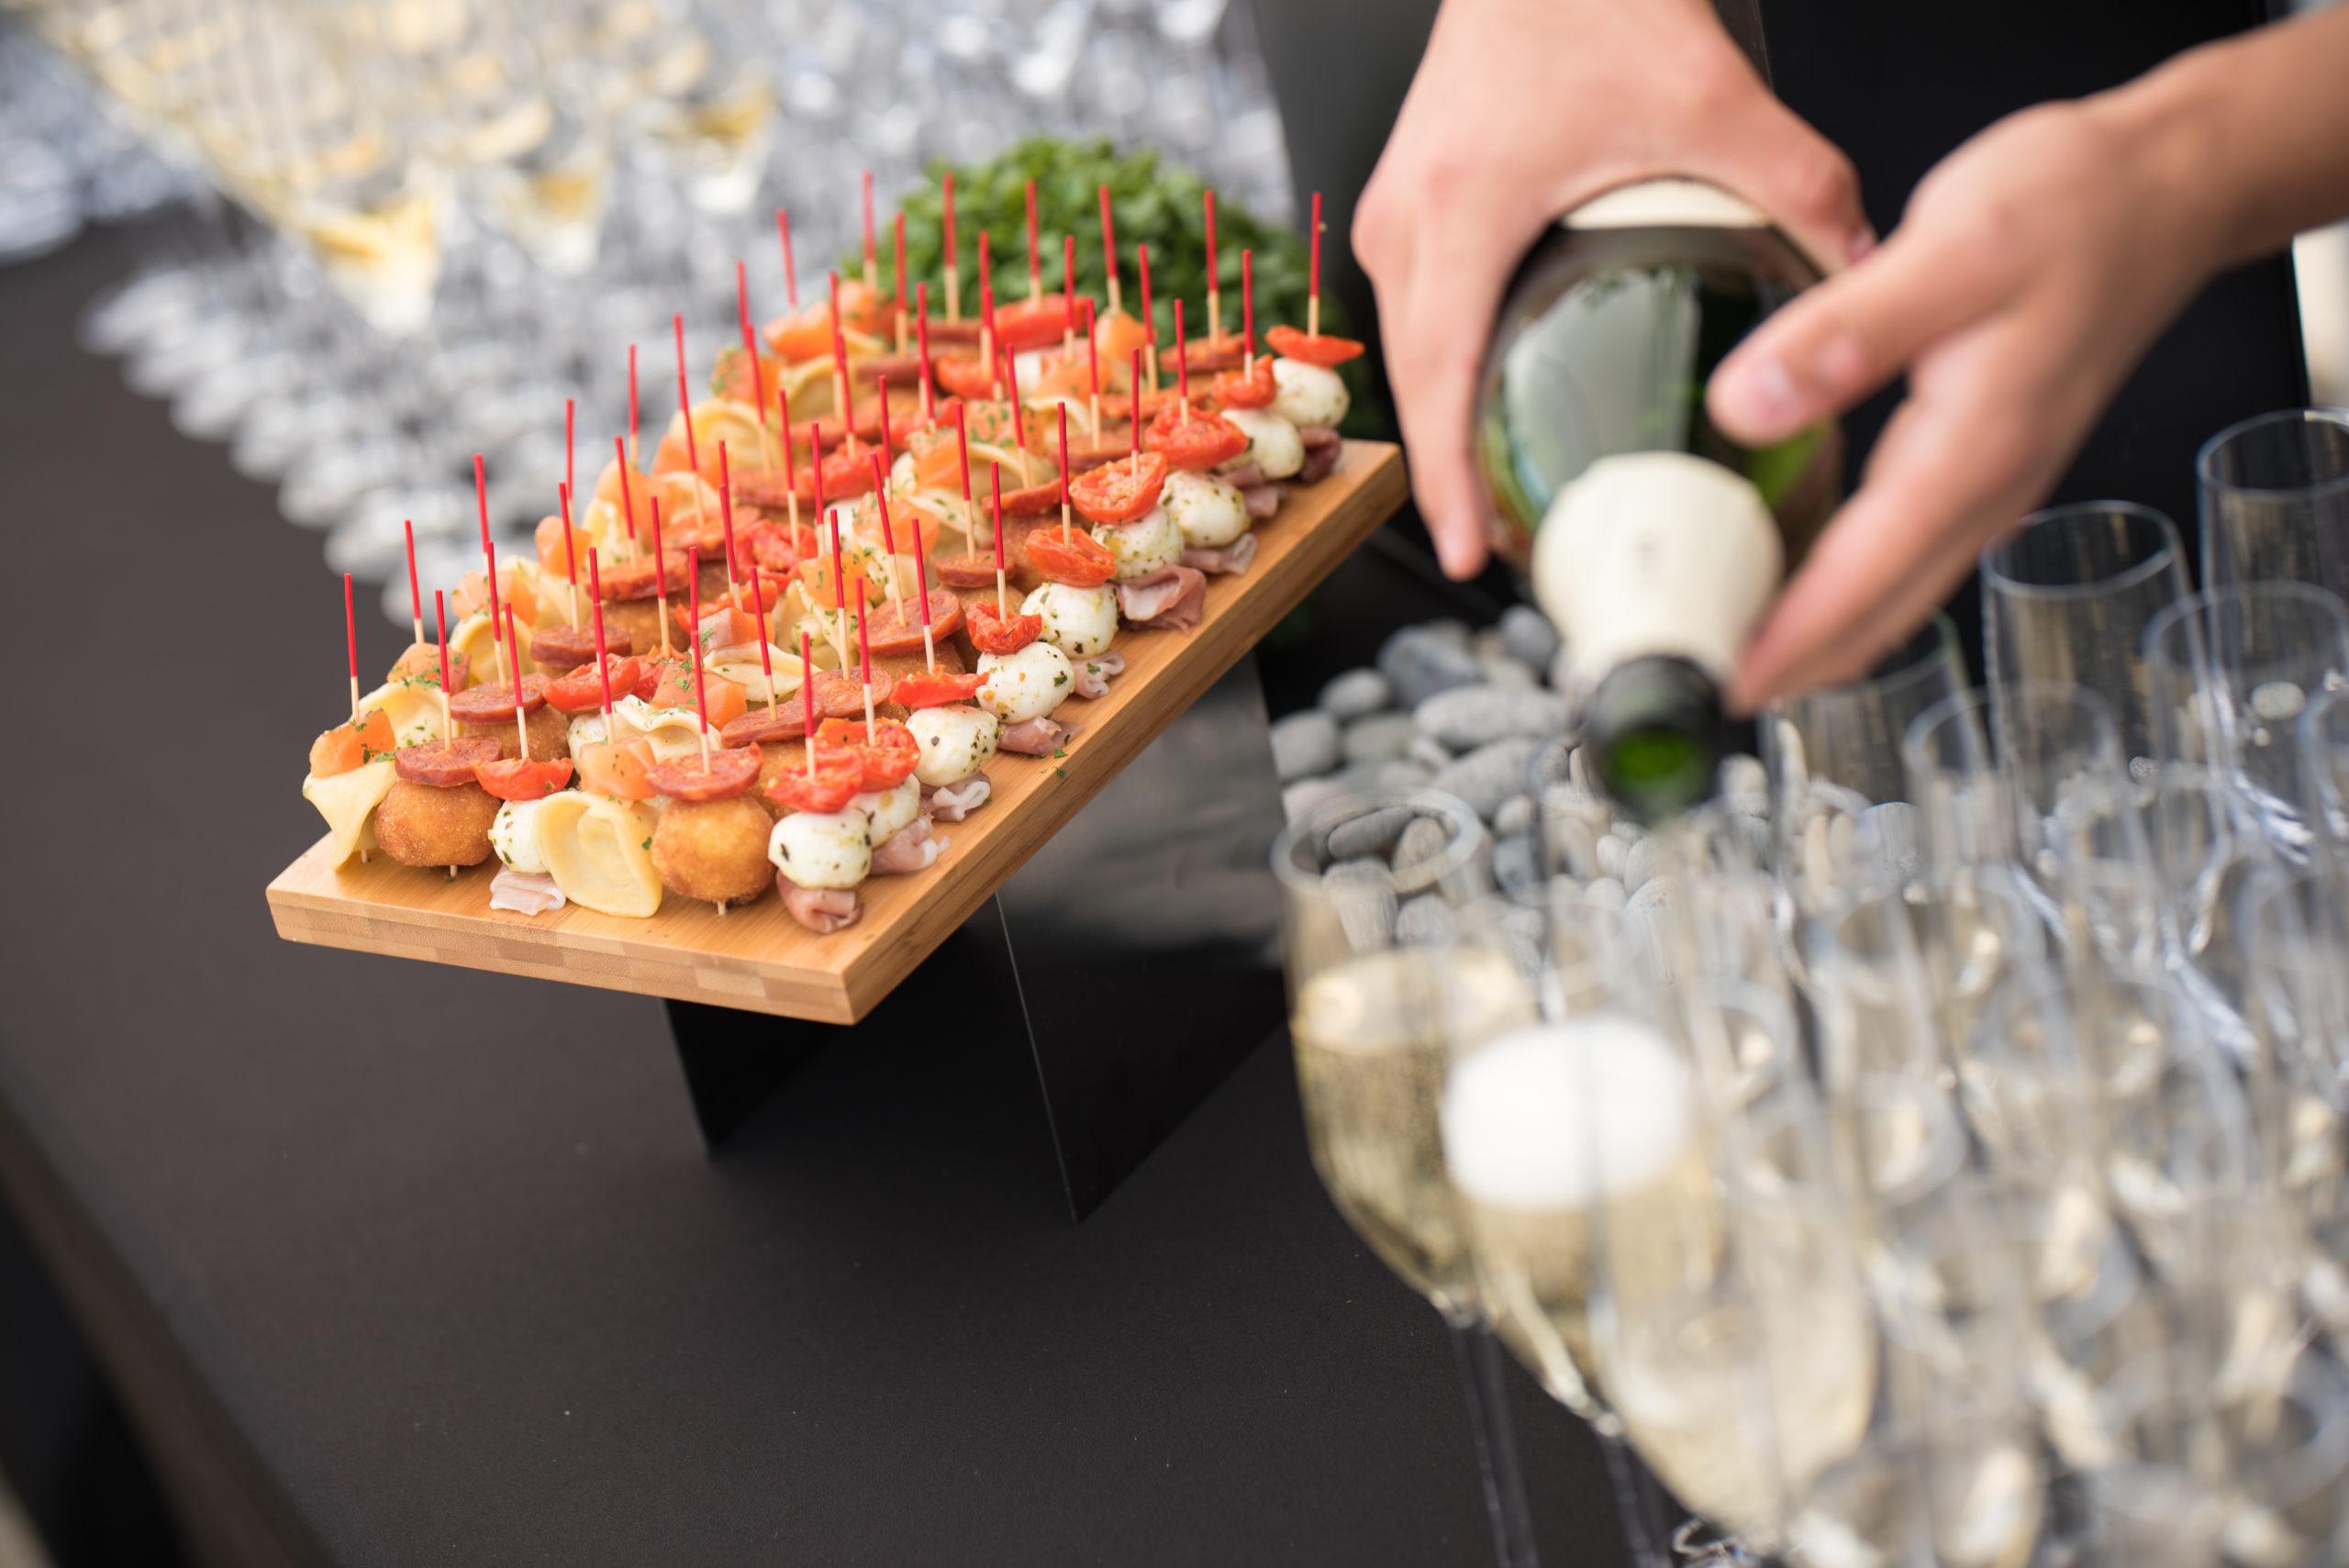 Traiteur-vin-d'honneur-cocktail-aperitif-mariage-salle-reception-domaine-cassan-04